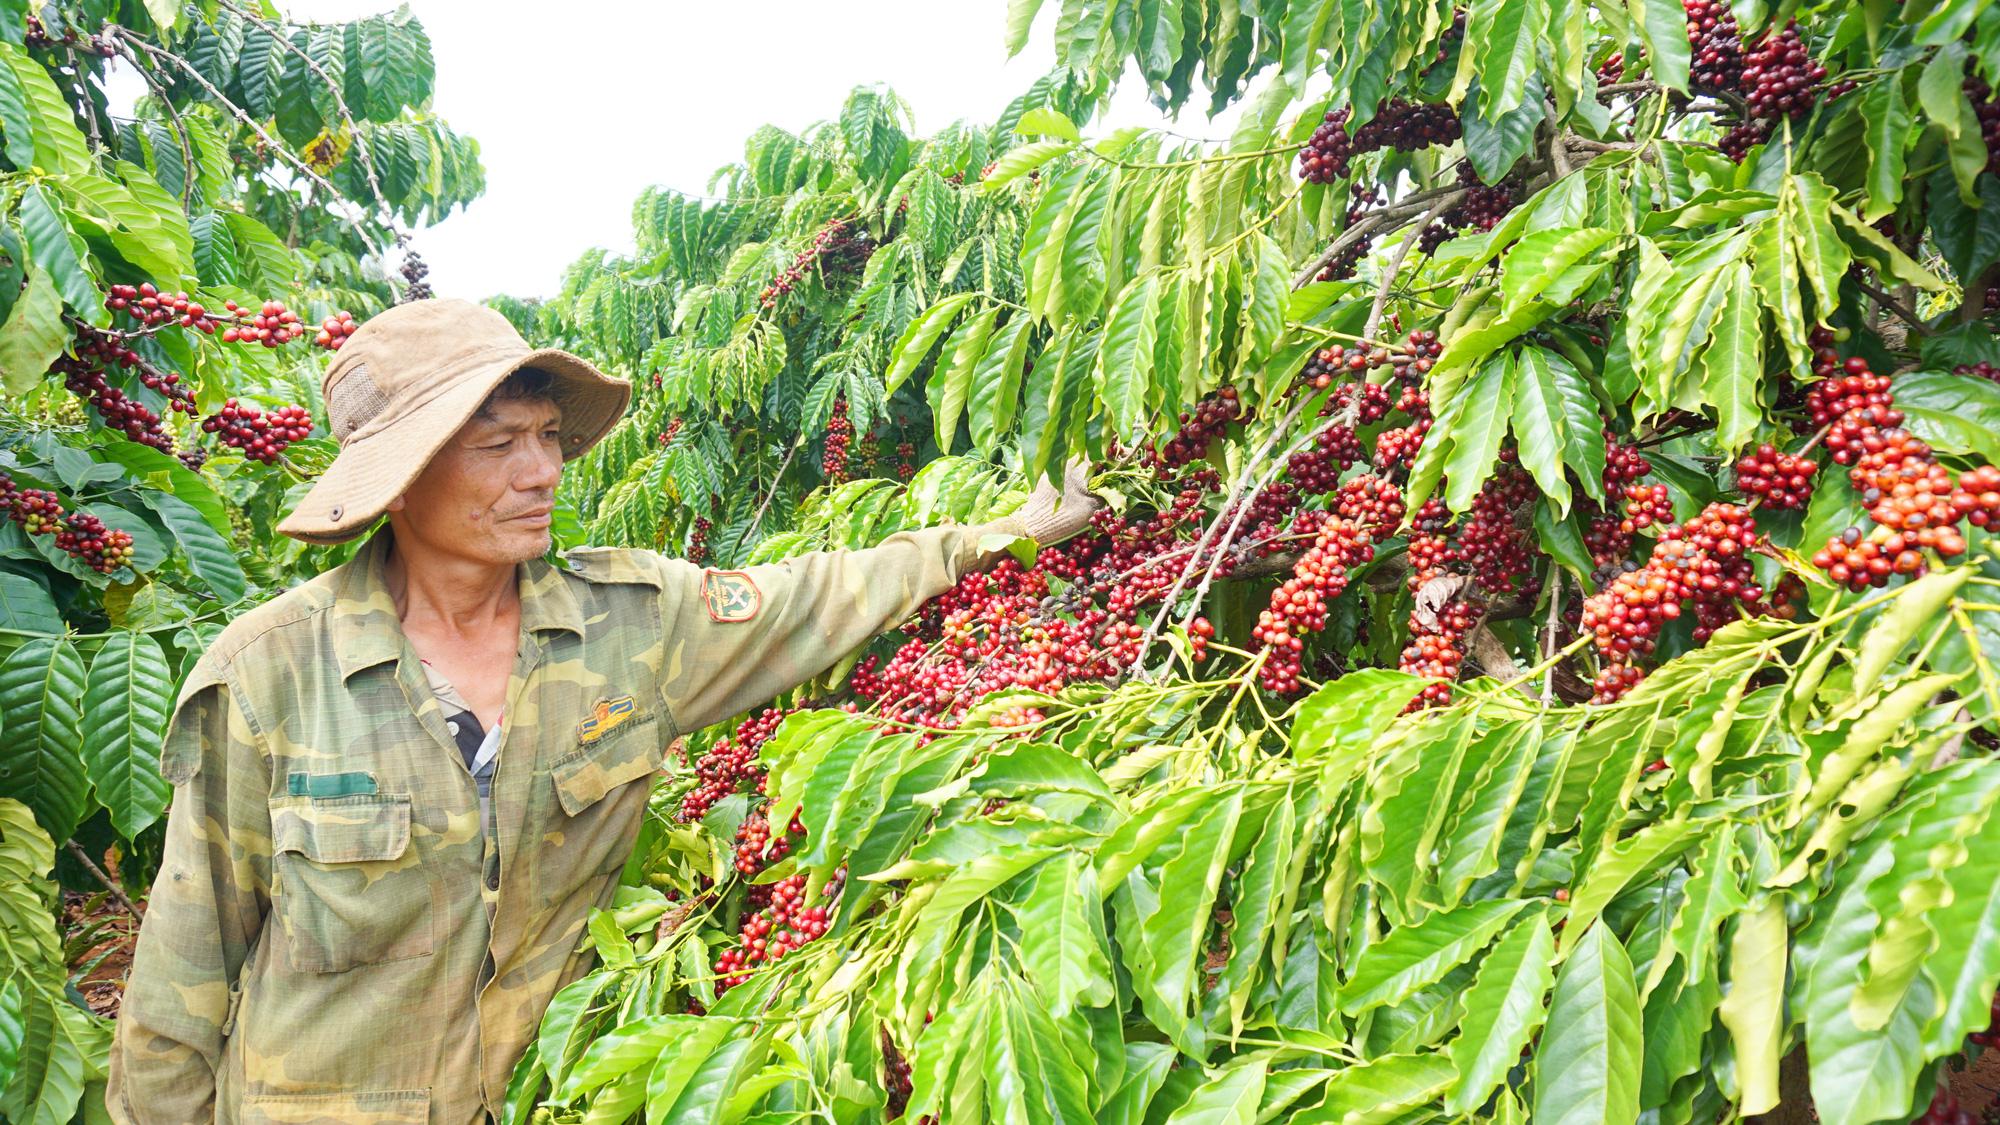 EVFTA: Cơ hội tăng mạnh về lượng và chất cho ngành hàng cà phê - Ảnh 2.